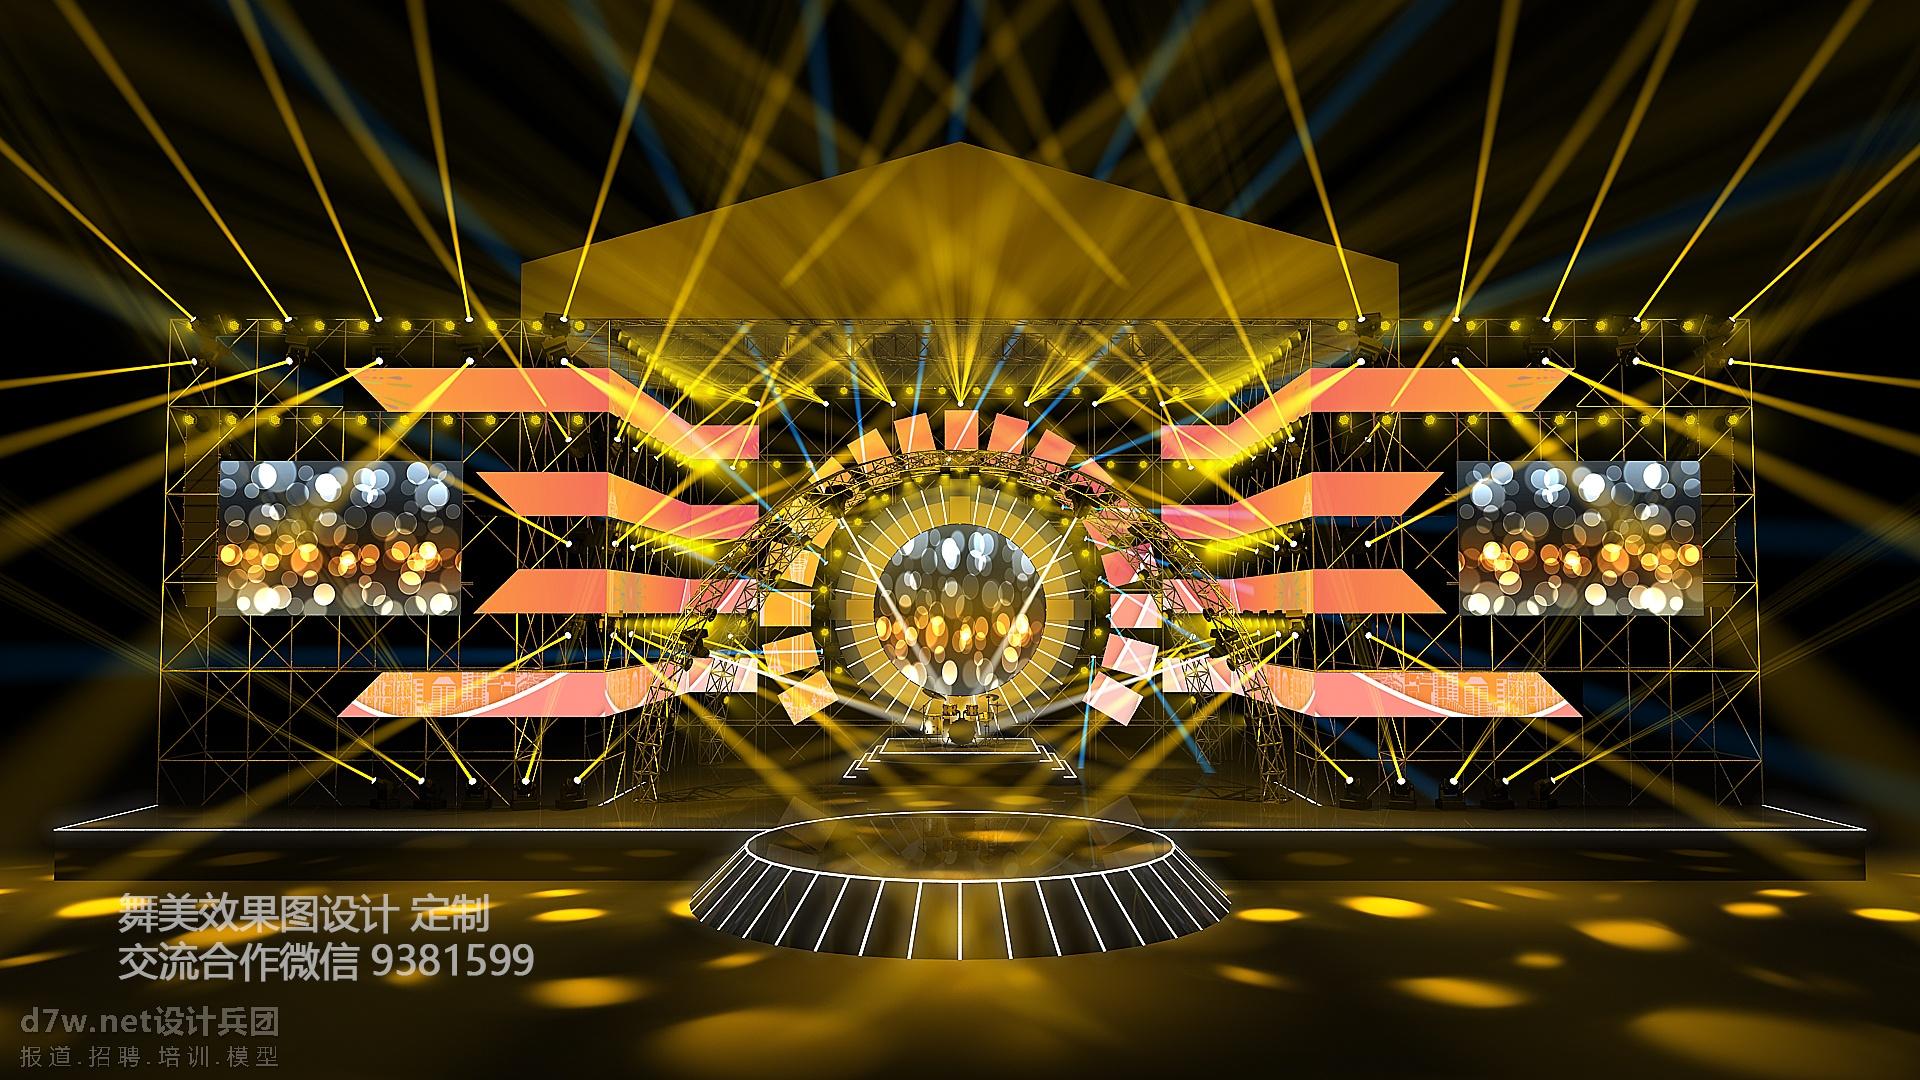 麦田舞美设计 演唱会舞美 演唱会舞台 演唱会设计 舞美效果图 演唱会效果图 舞美设计图 舞美设计定制 舞台设 ...